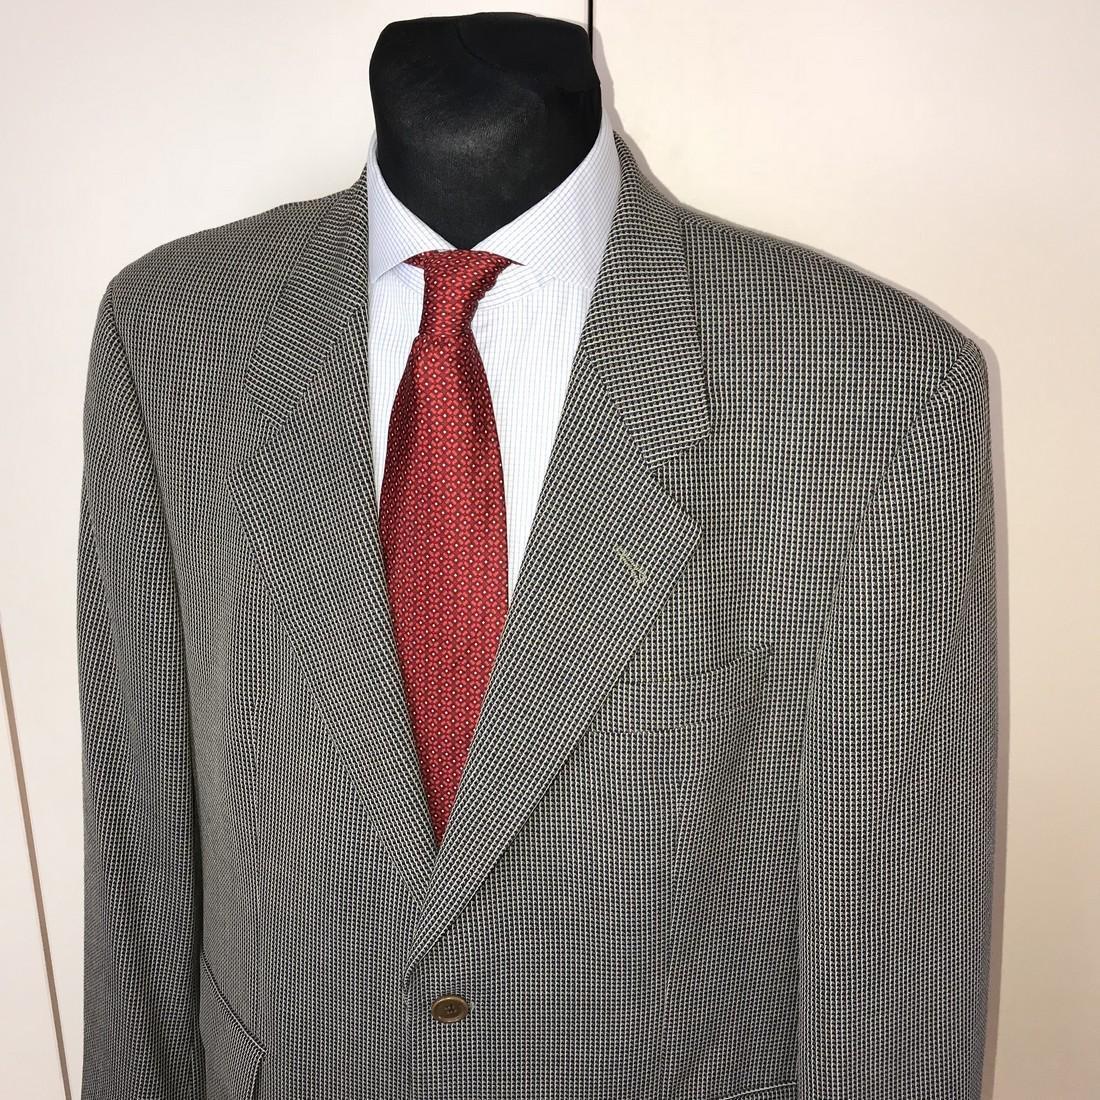 Men's HUGO BOSS Blazer Size 44 Short US/UK or 54 Short - 2